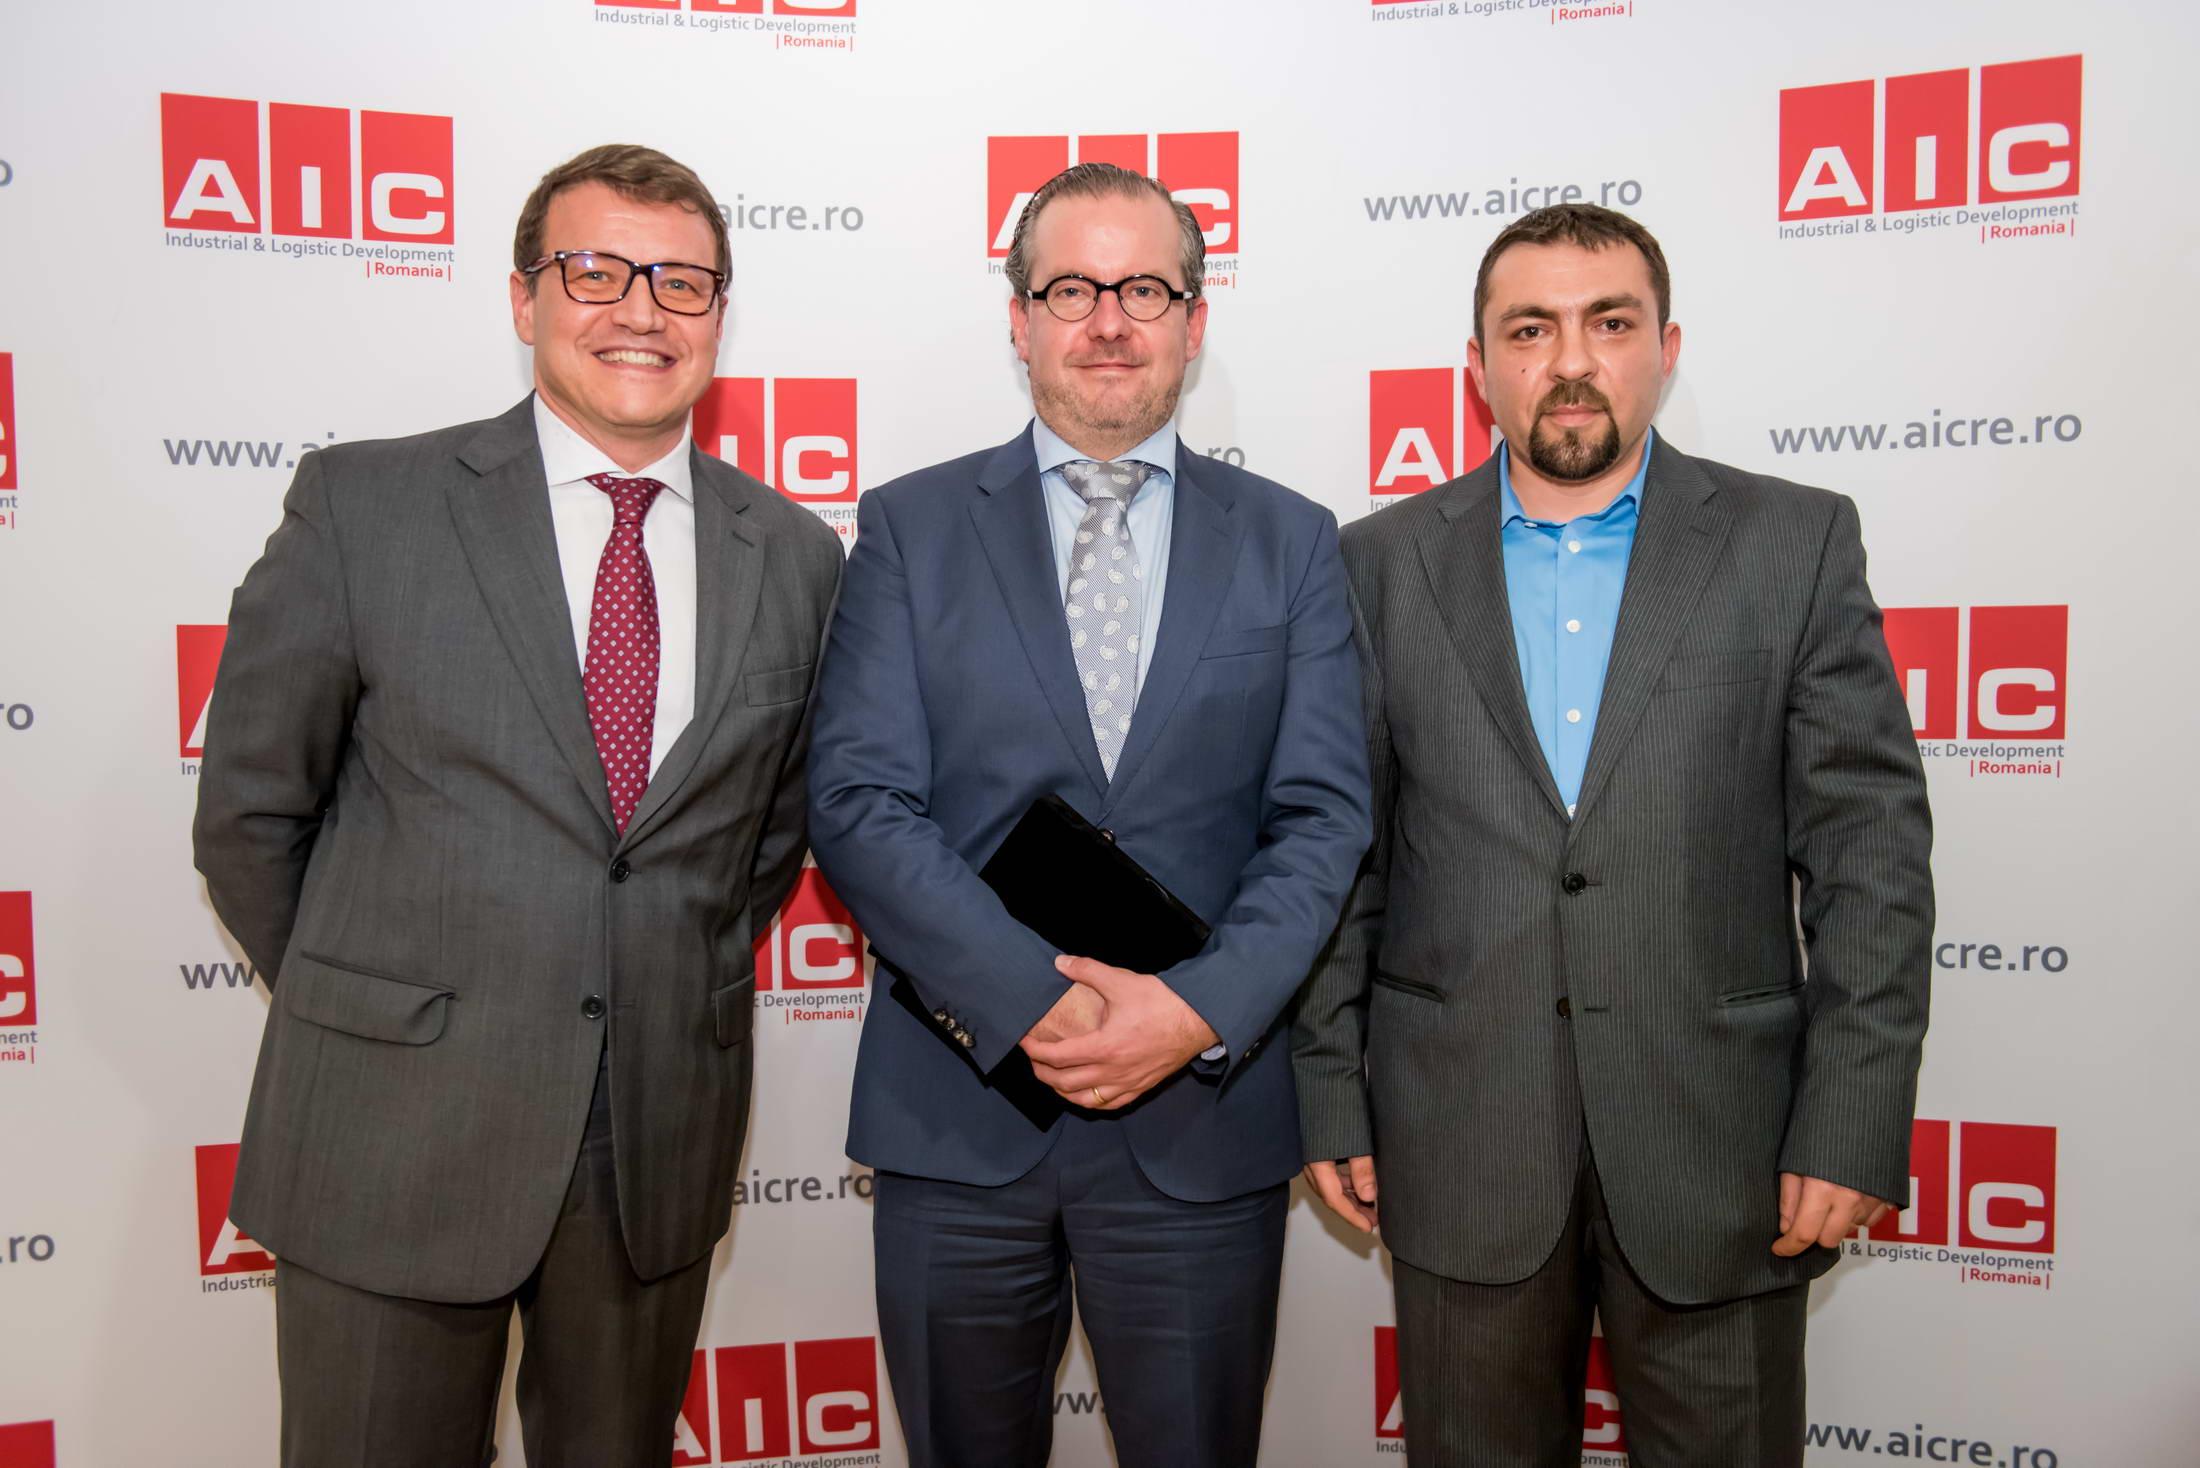 AIC Industrial & Logistic Development va construi două depozite pentru Fashion Days